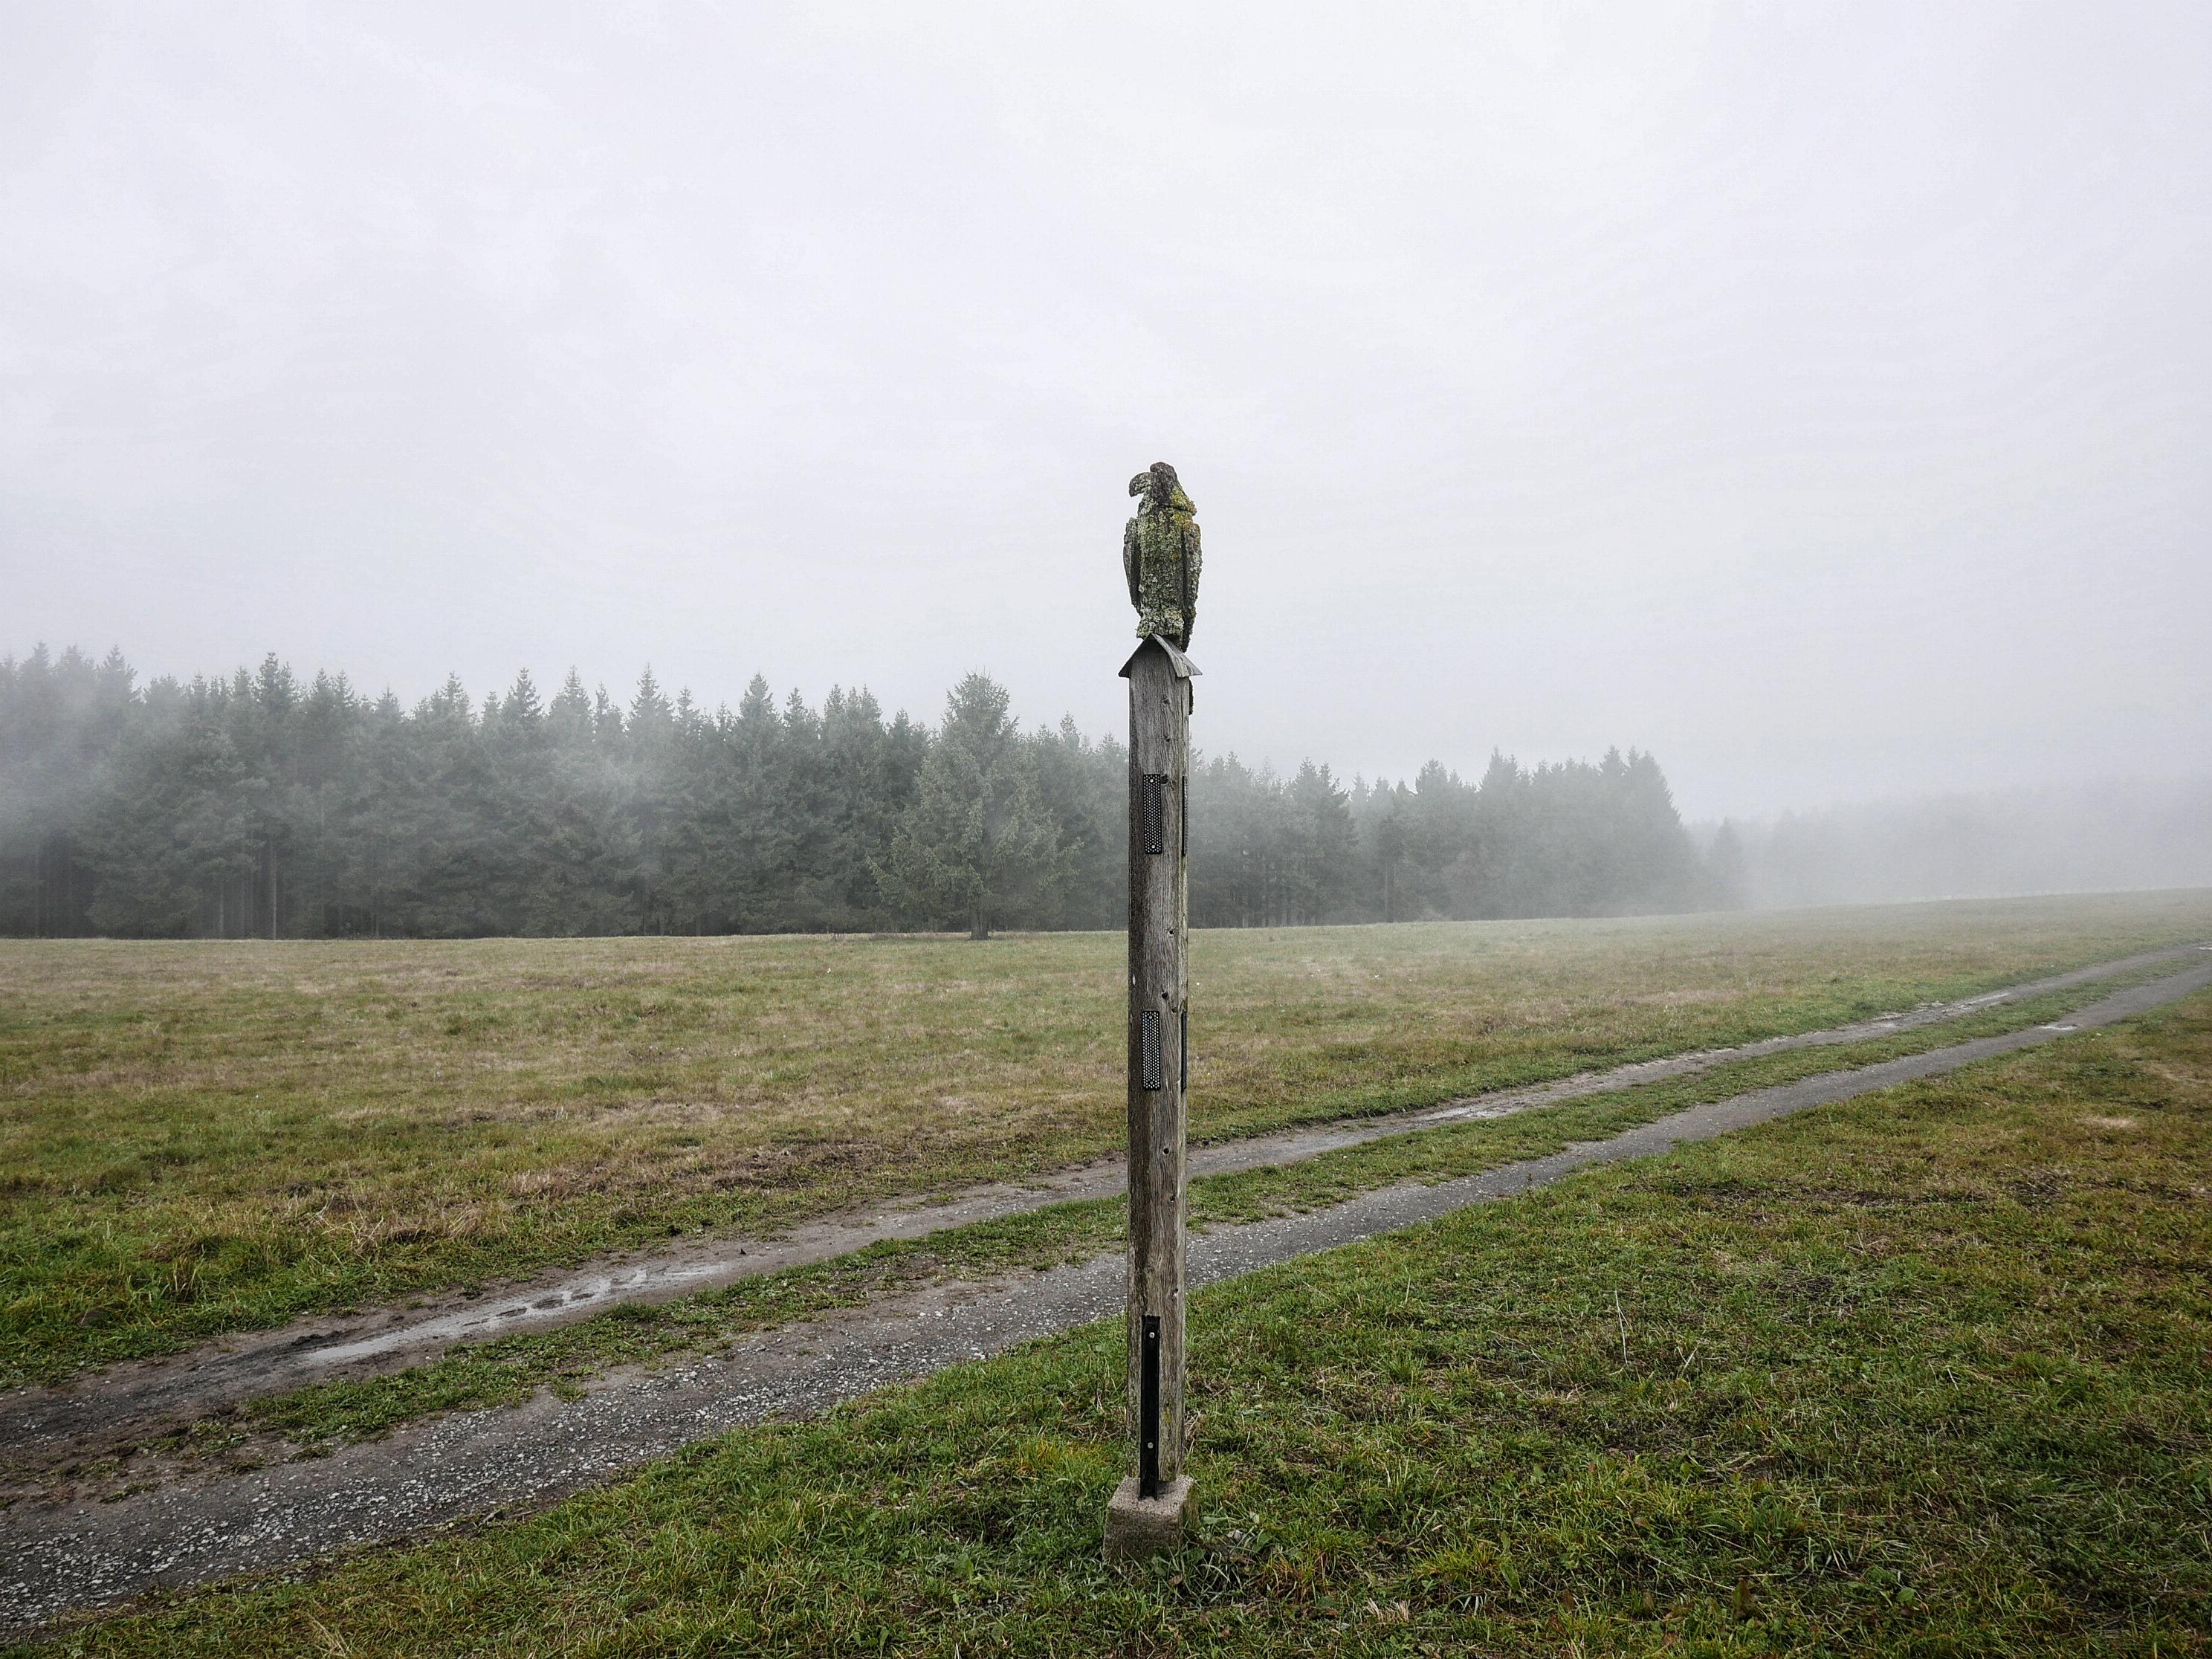 Einsame Herbstlandschaft im Nebel, Thön | Anne Seubert